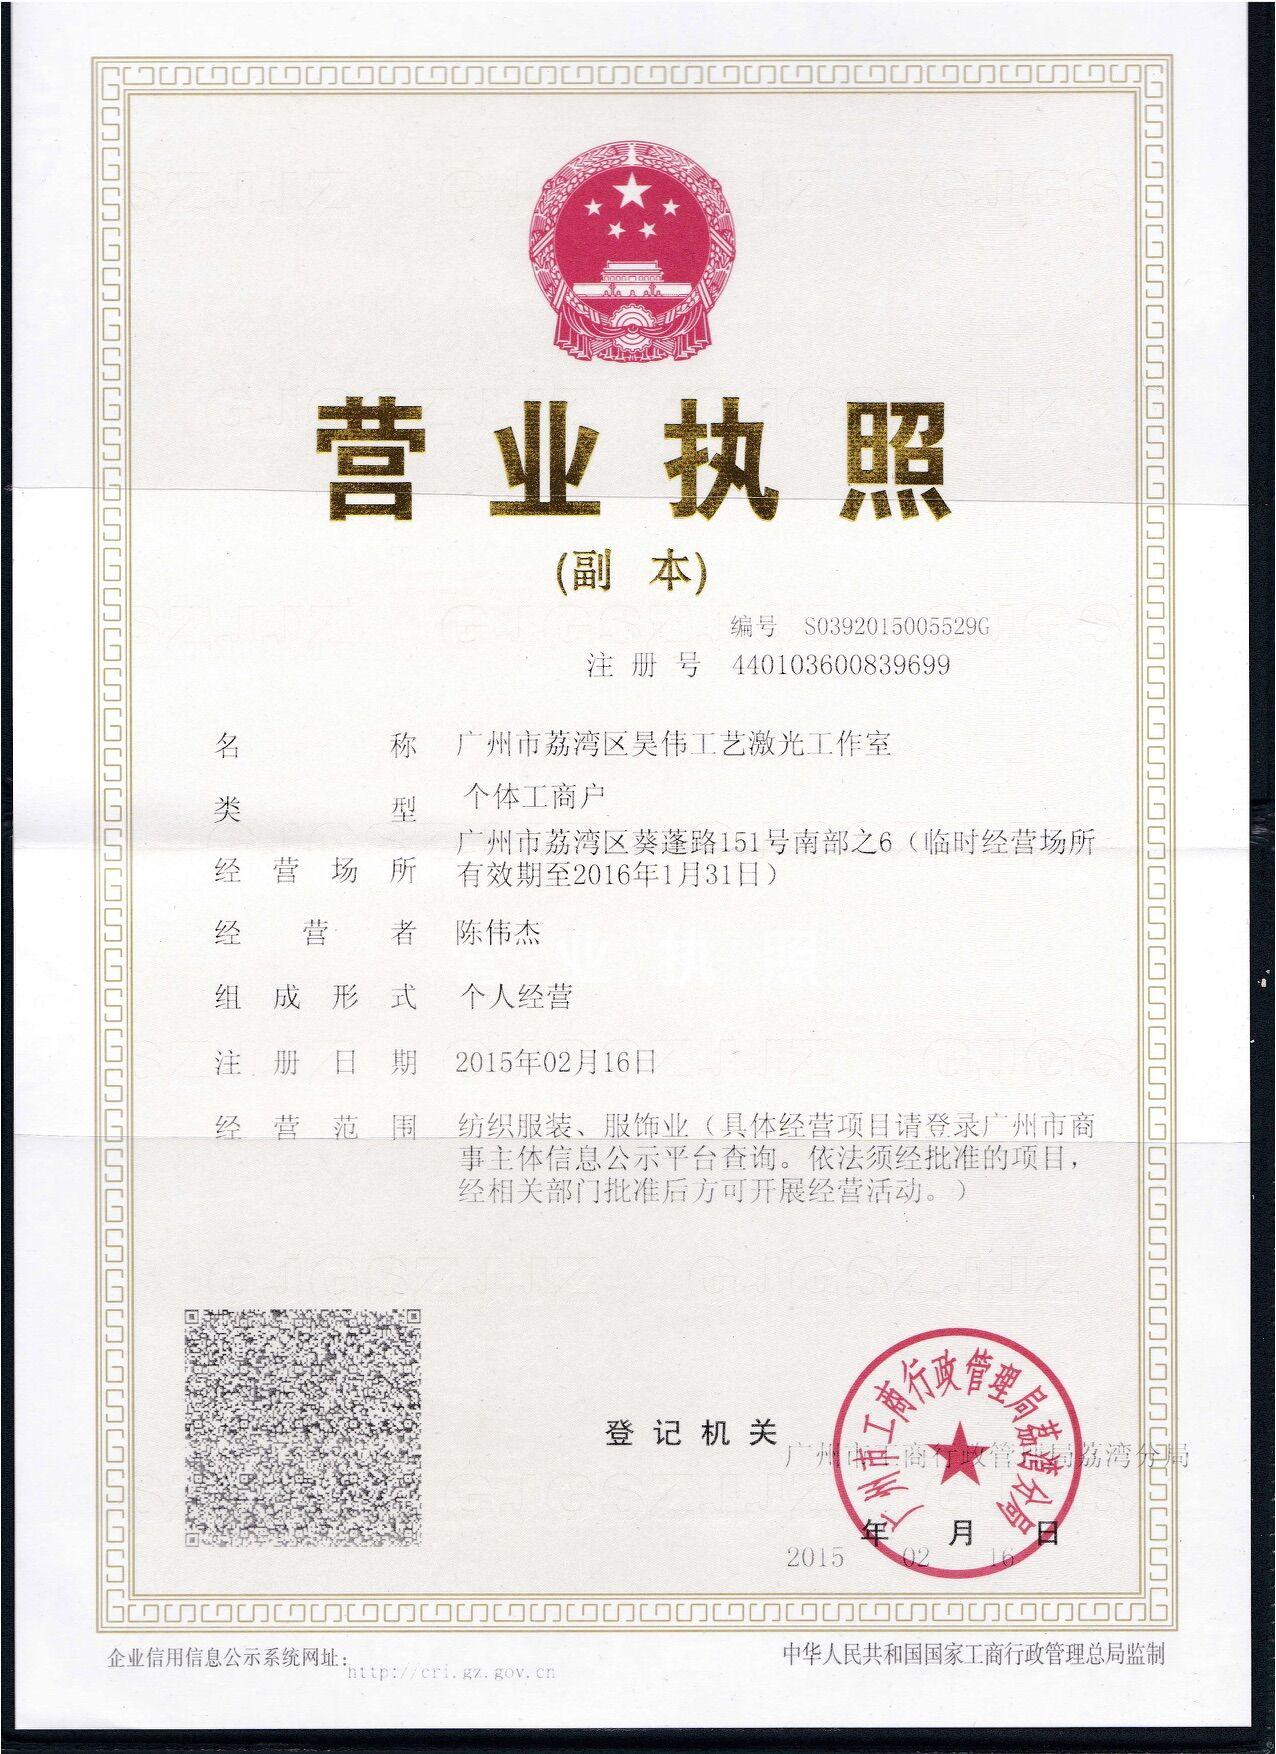 广州市荔湾区昊伟工艺激光工作室形象图